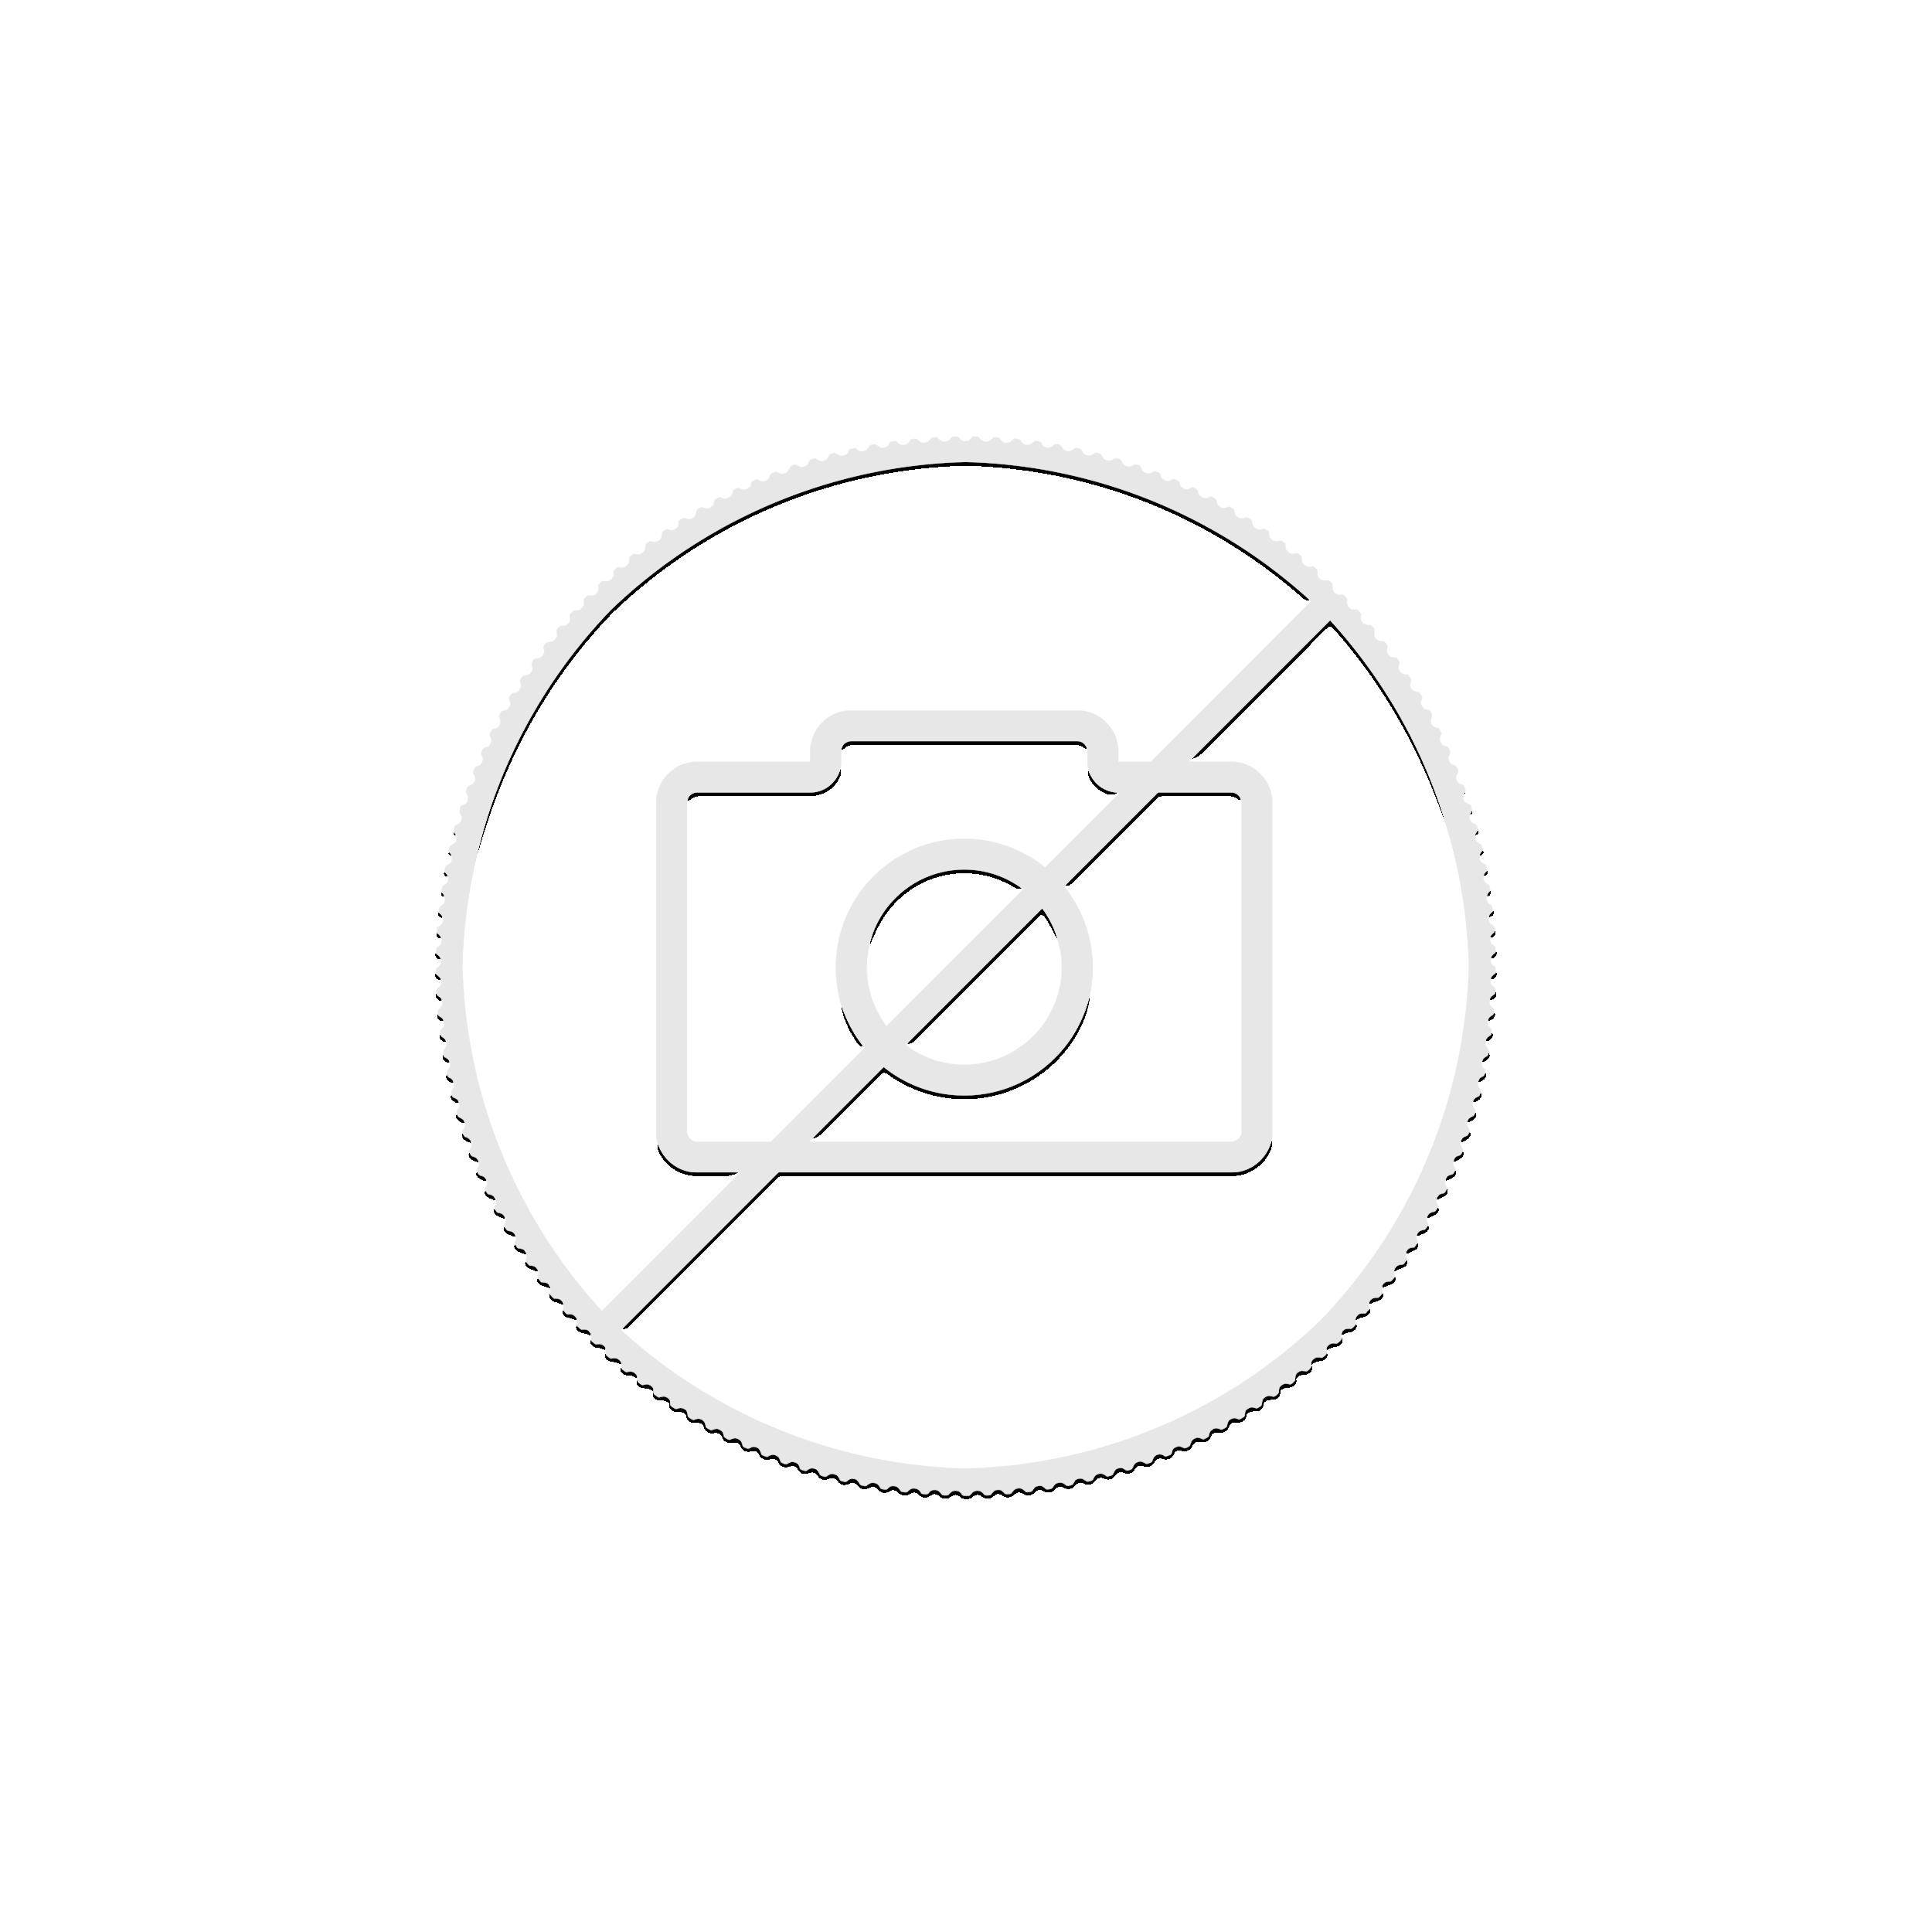 1 Troy ounce zilveren munt Lunar 2021 Proof - voorkant